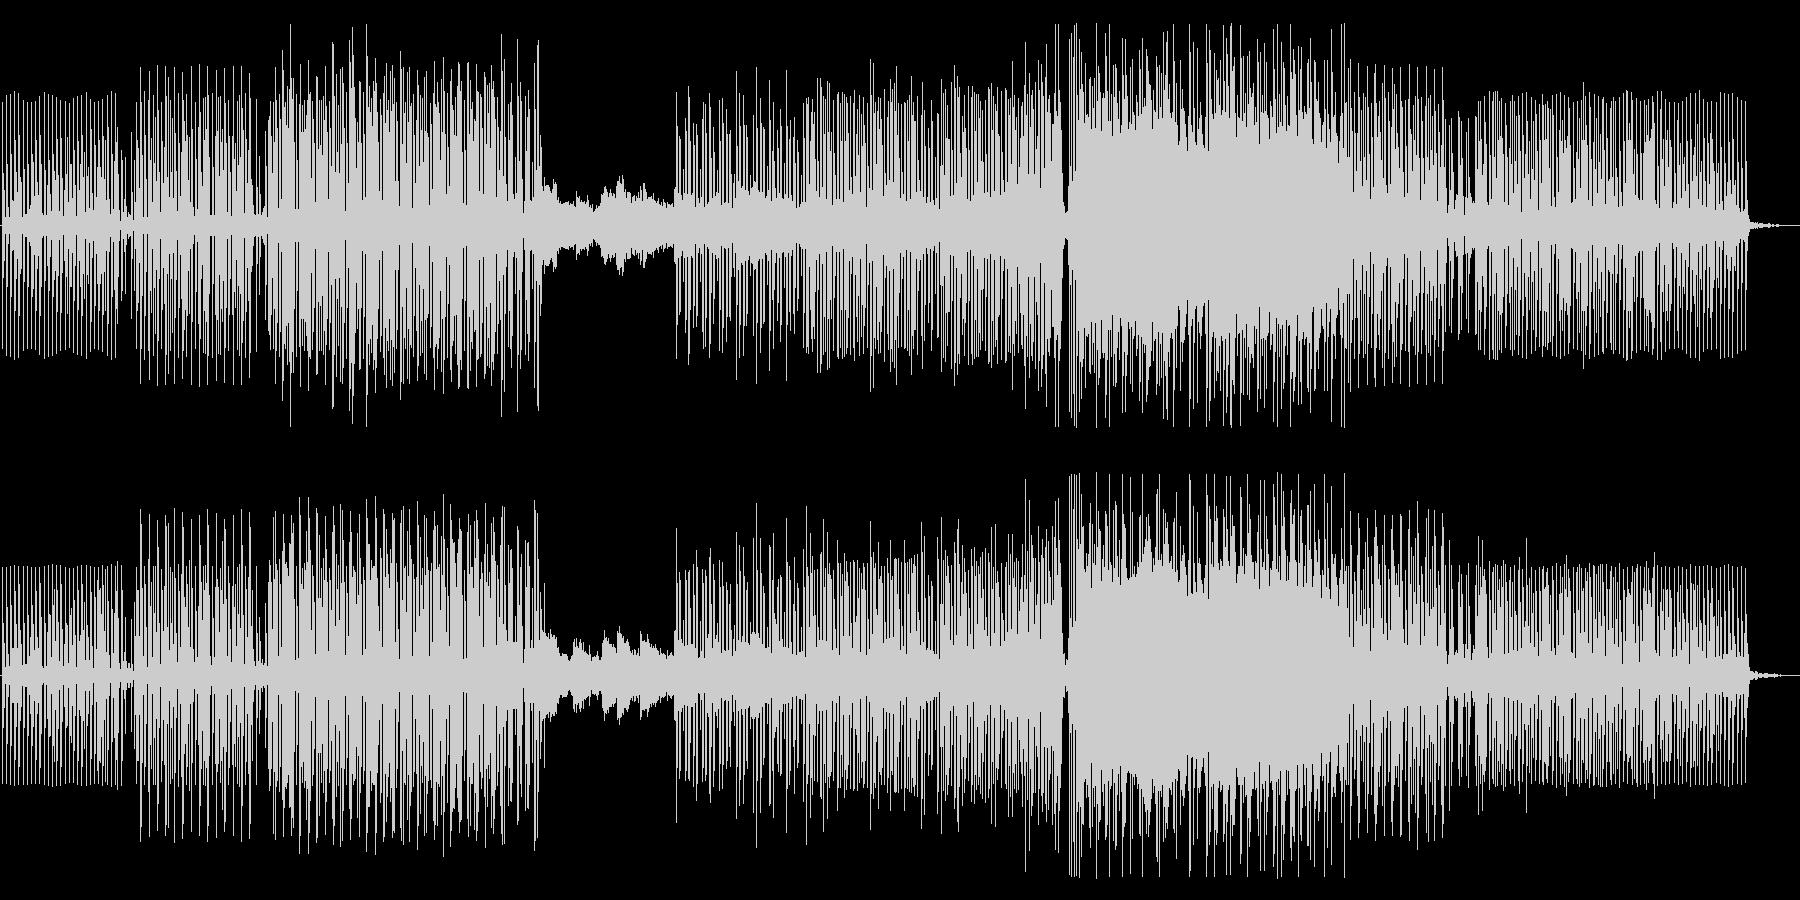 夜の余韻・朝焼けイメージの綺麗系BGMの未再生の波形